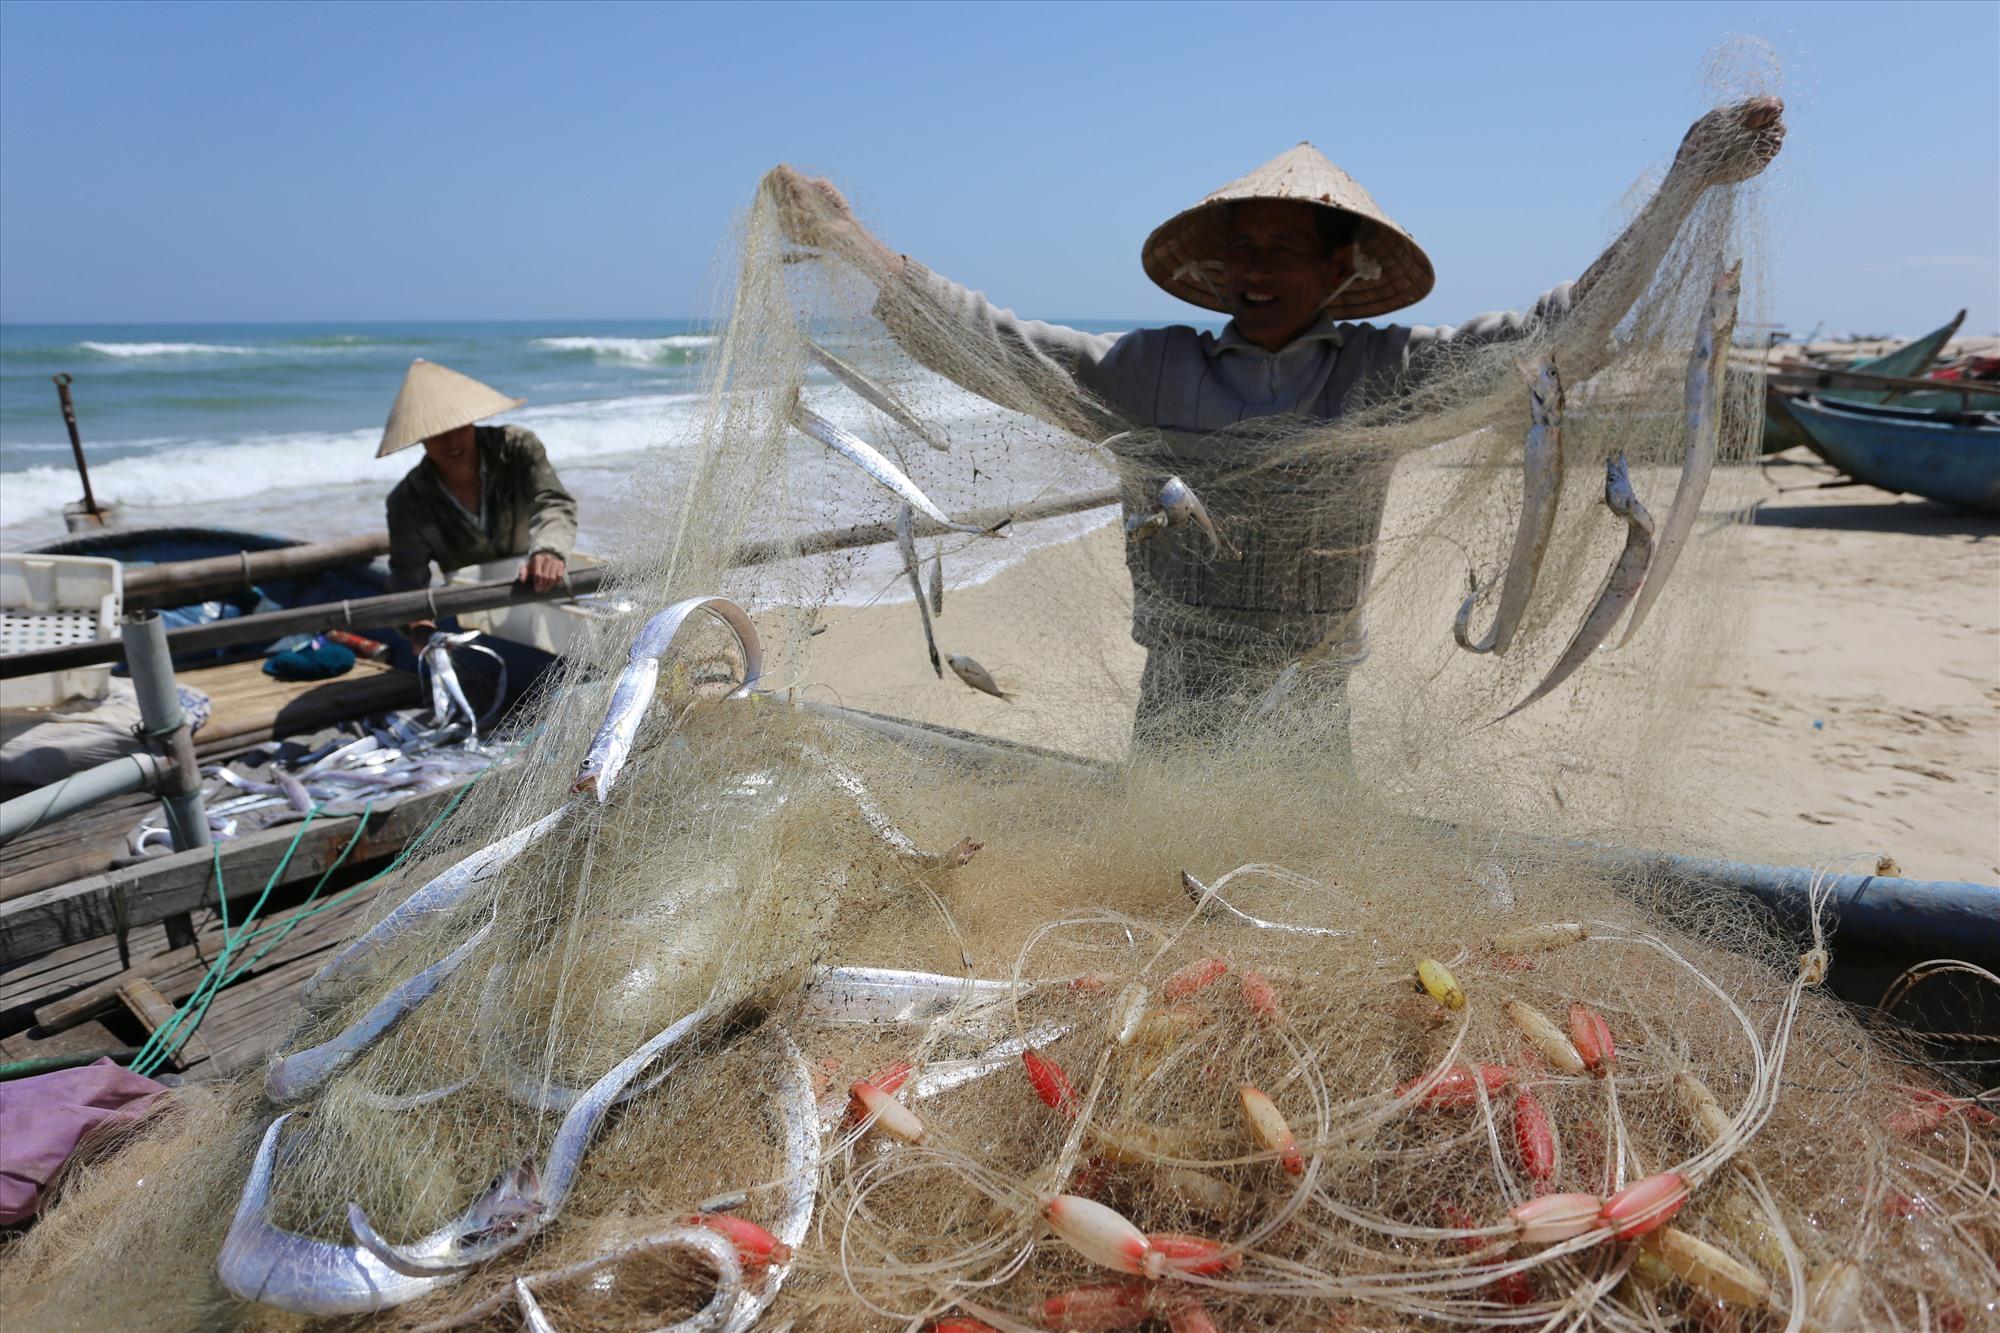 Ngư dân Nguyễn Văn Thính (66 tuổi, thôn Tỉnh Thủy) cùng con trai gỡ mẻ lưới gần 100kg cá hố